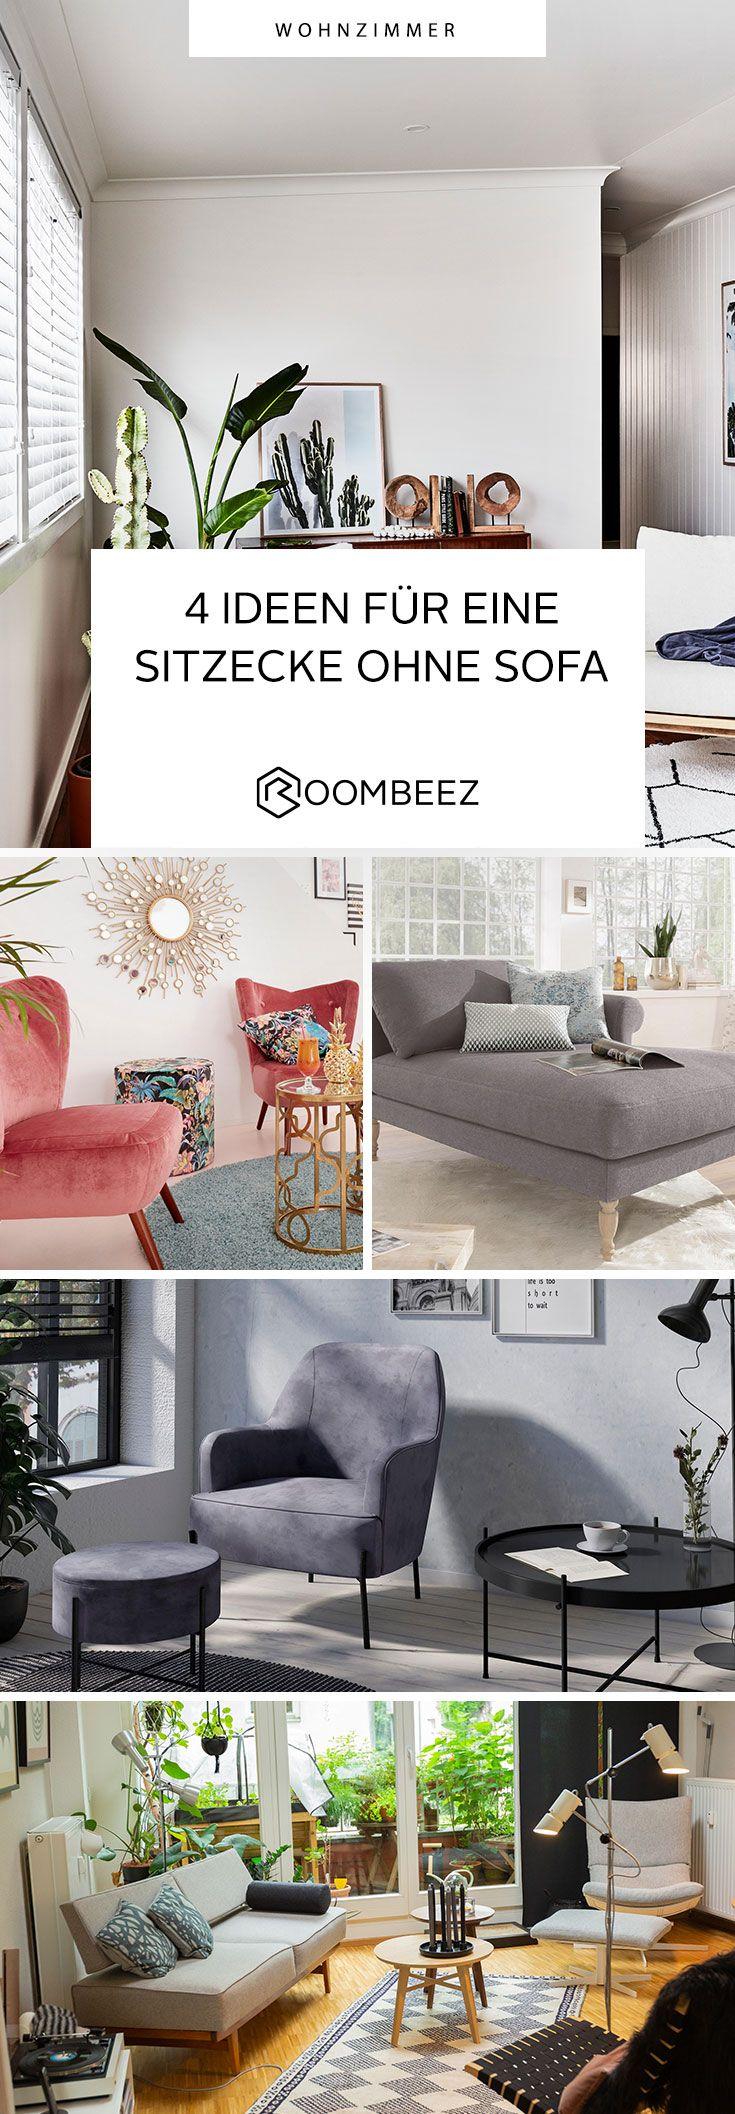 Sitzecke Ohne Sofa 5 Einrichtungsideen Sitzecke